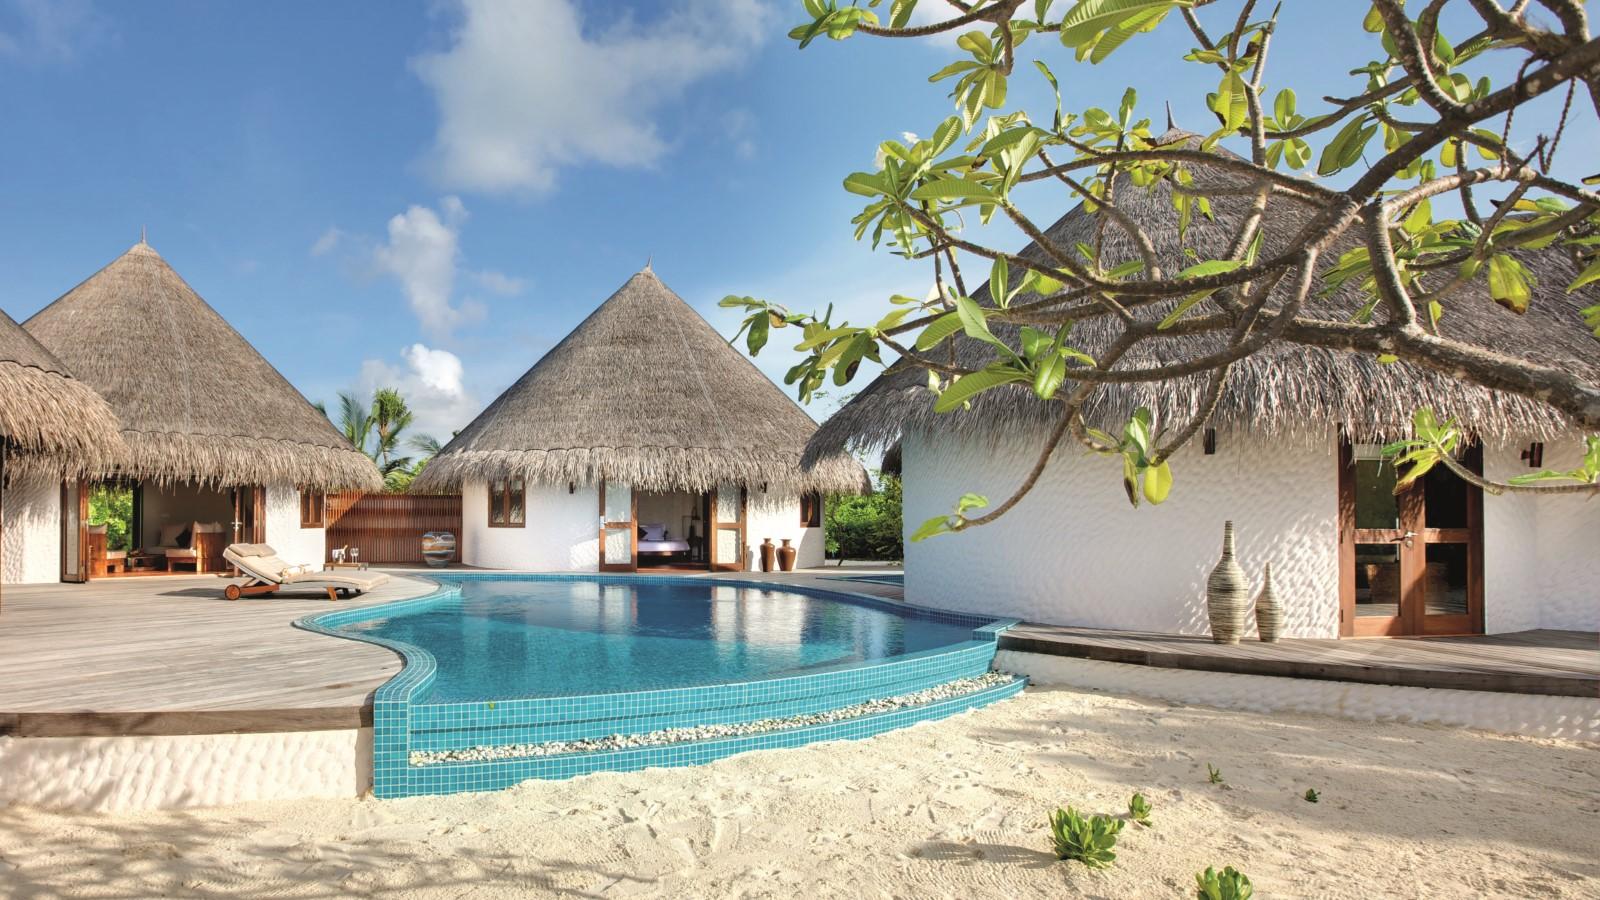 Мальдивы, Отель Hideaway Beach Resort & Spa, номер Hideaway Palace